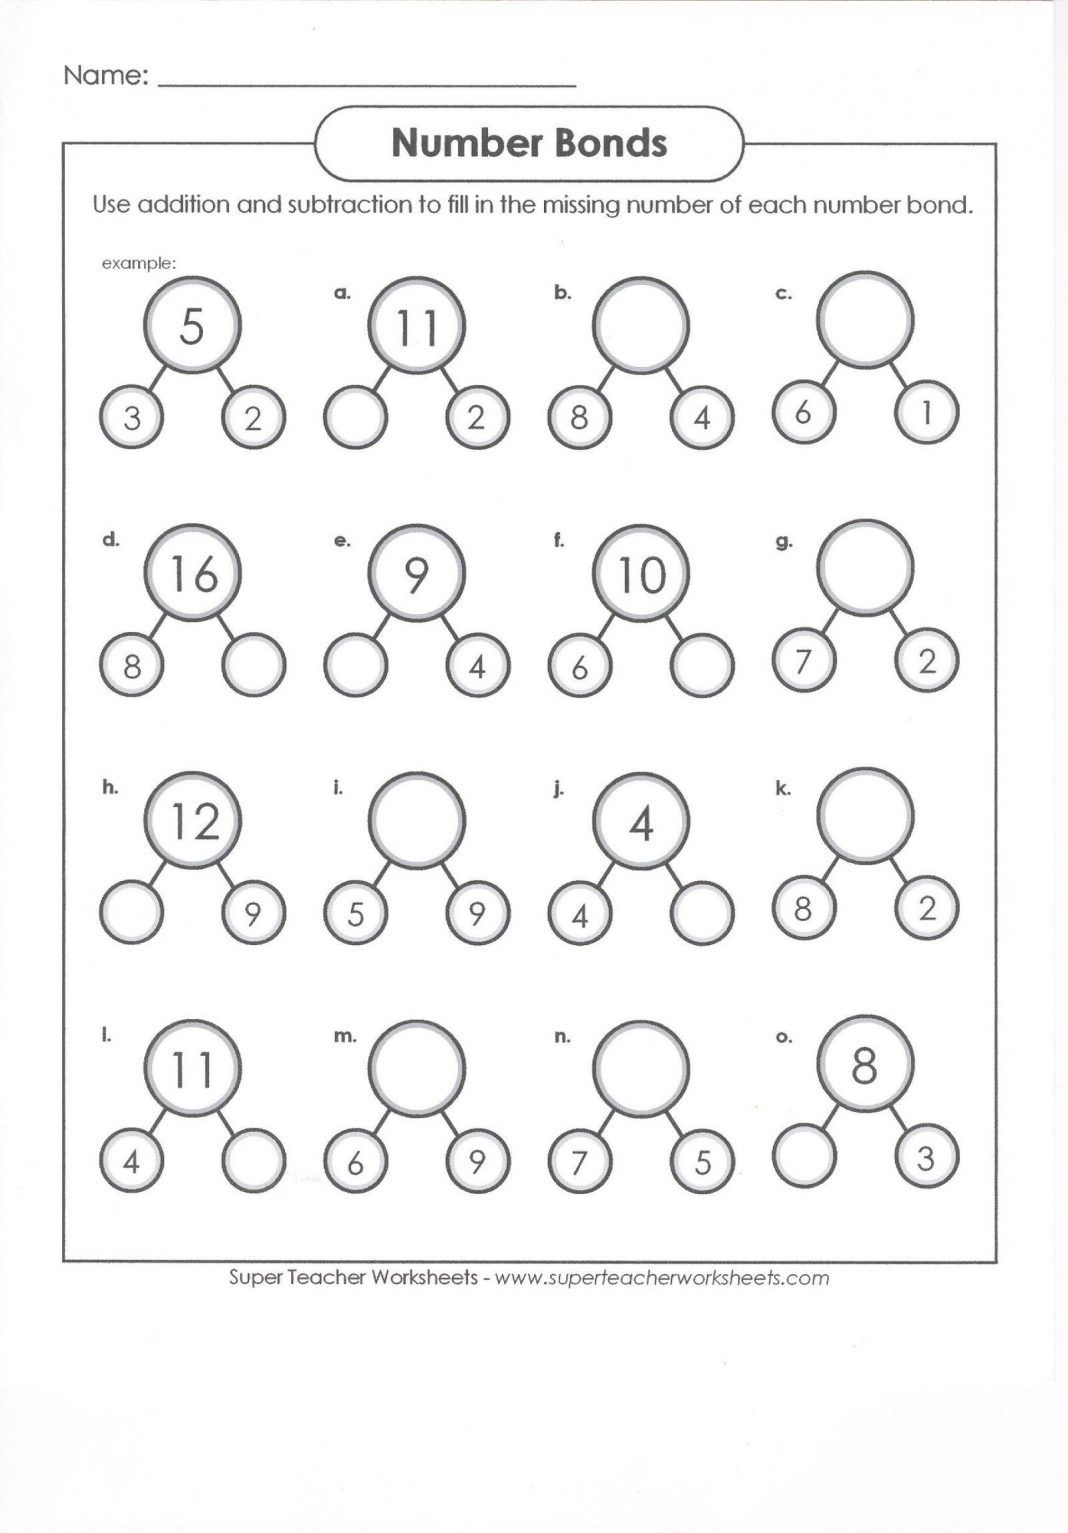 40 Clever 1st Grade Math Worksheets Design Bacamajalah In 2020 First Grade Math Worksheets Number Bonds Worksheets 1st Grade Math Worksheets